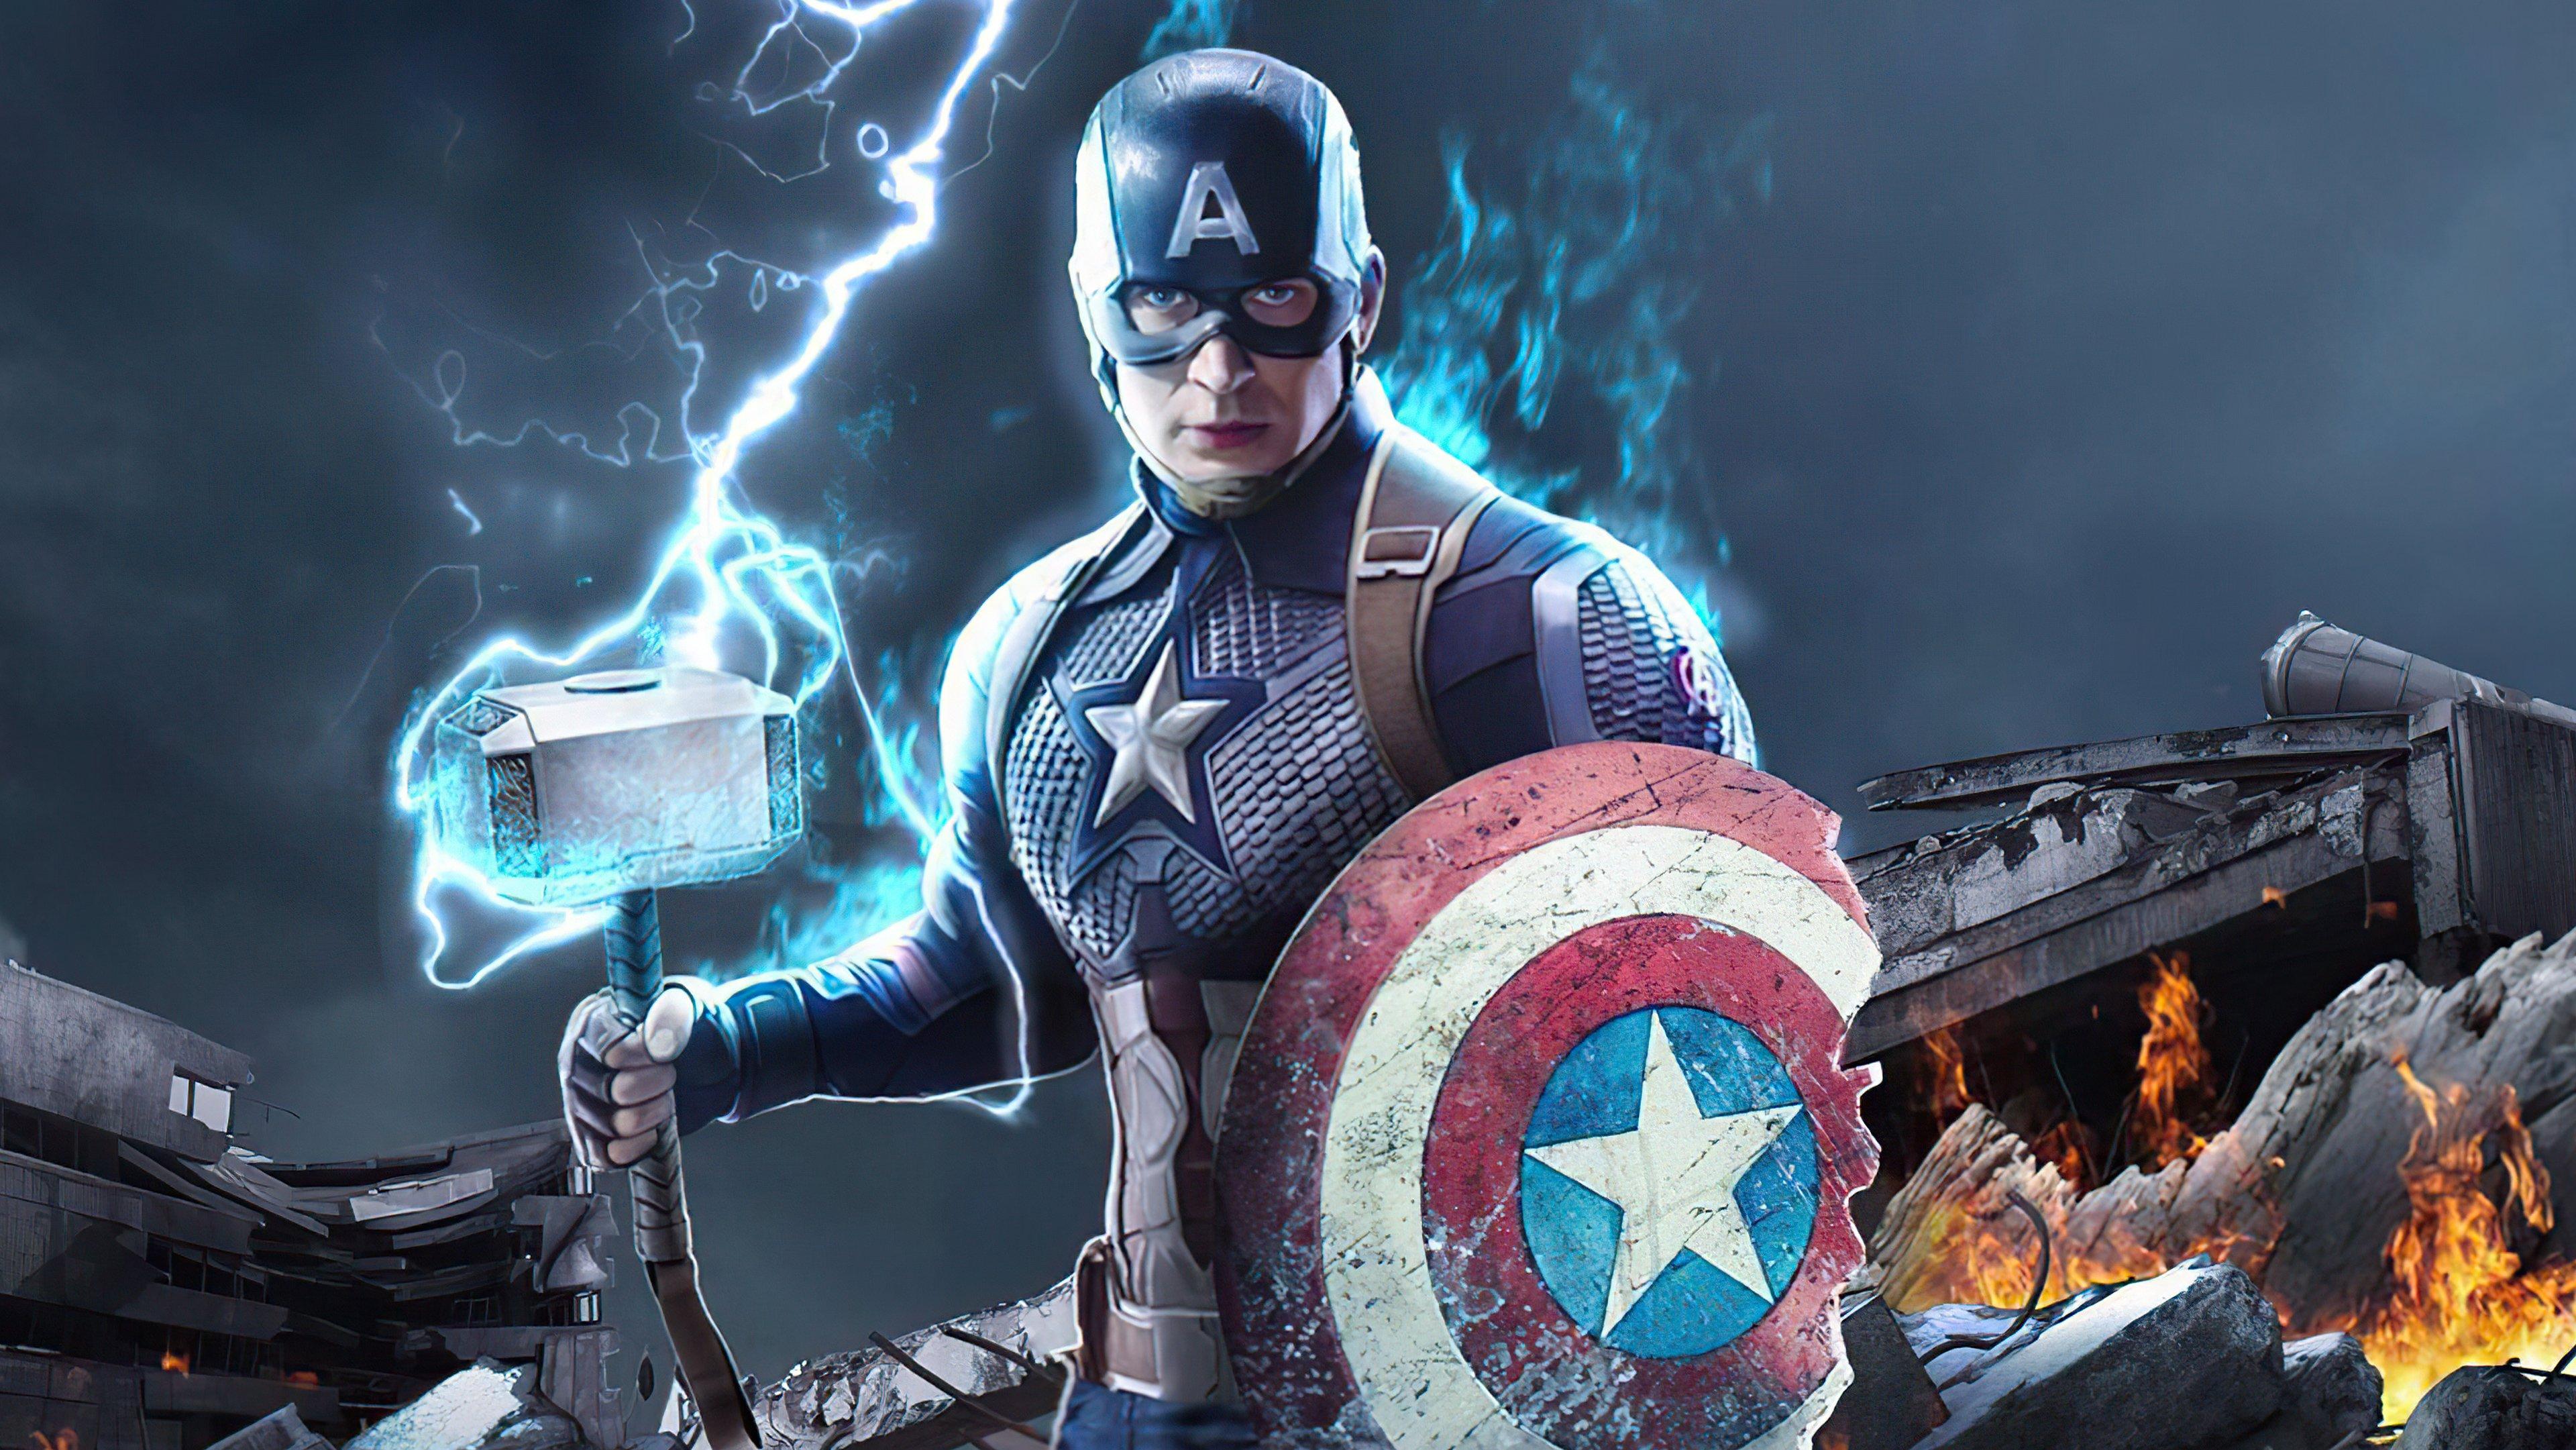 Fondos de pantalla Capitan America con escudo roto